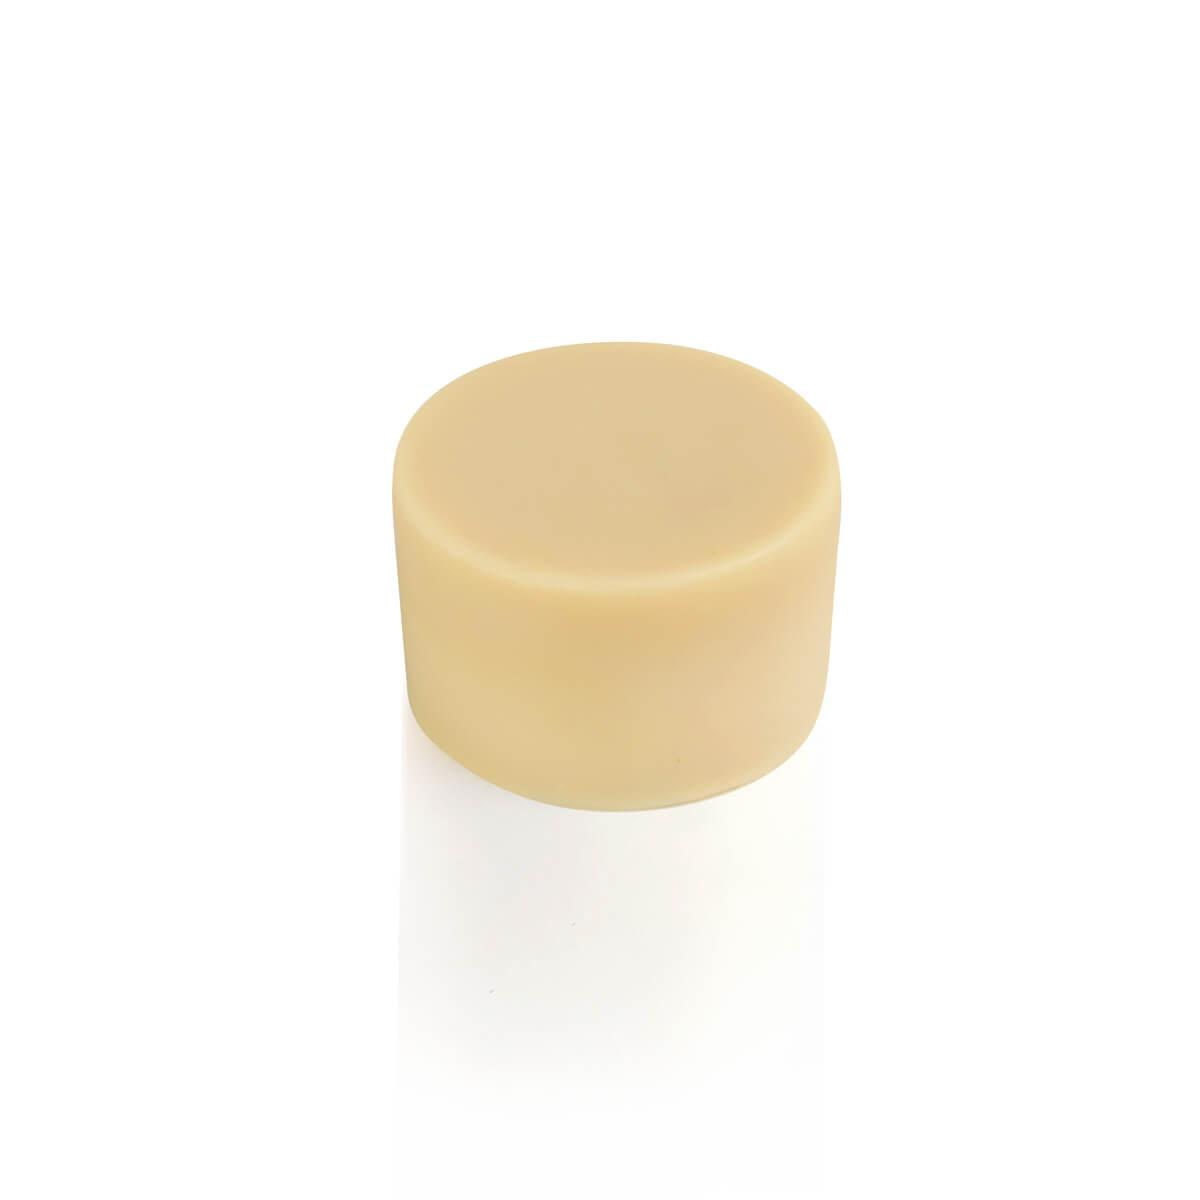 acondicionador sólido humectante